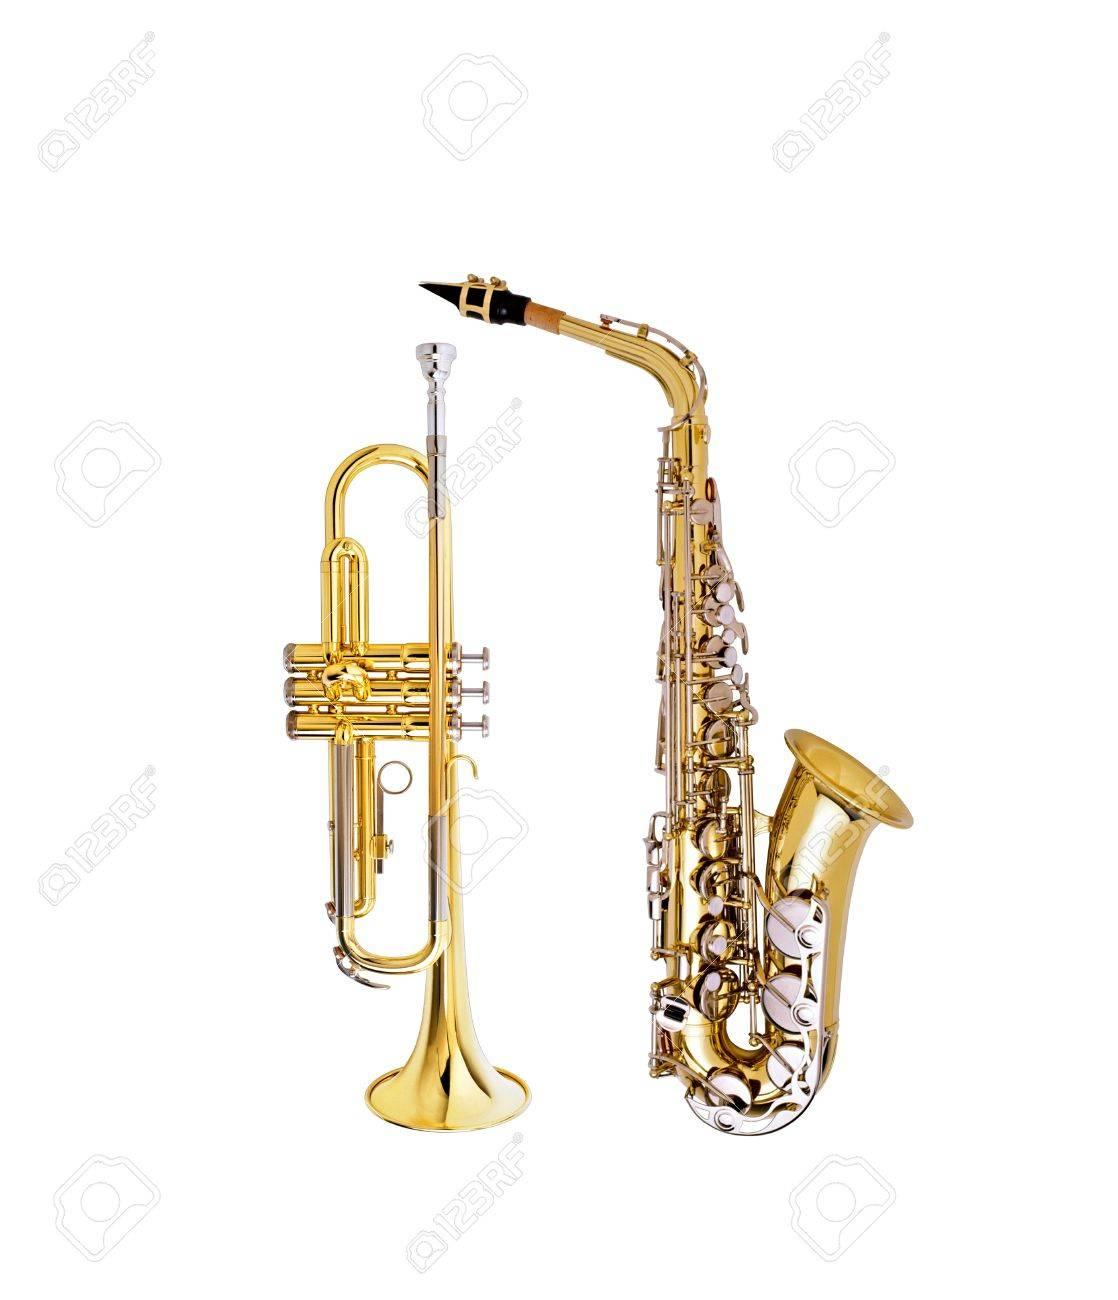 saxophone and cornet Stock Photo - 14086530